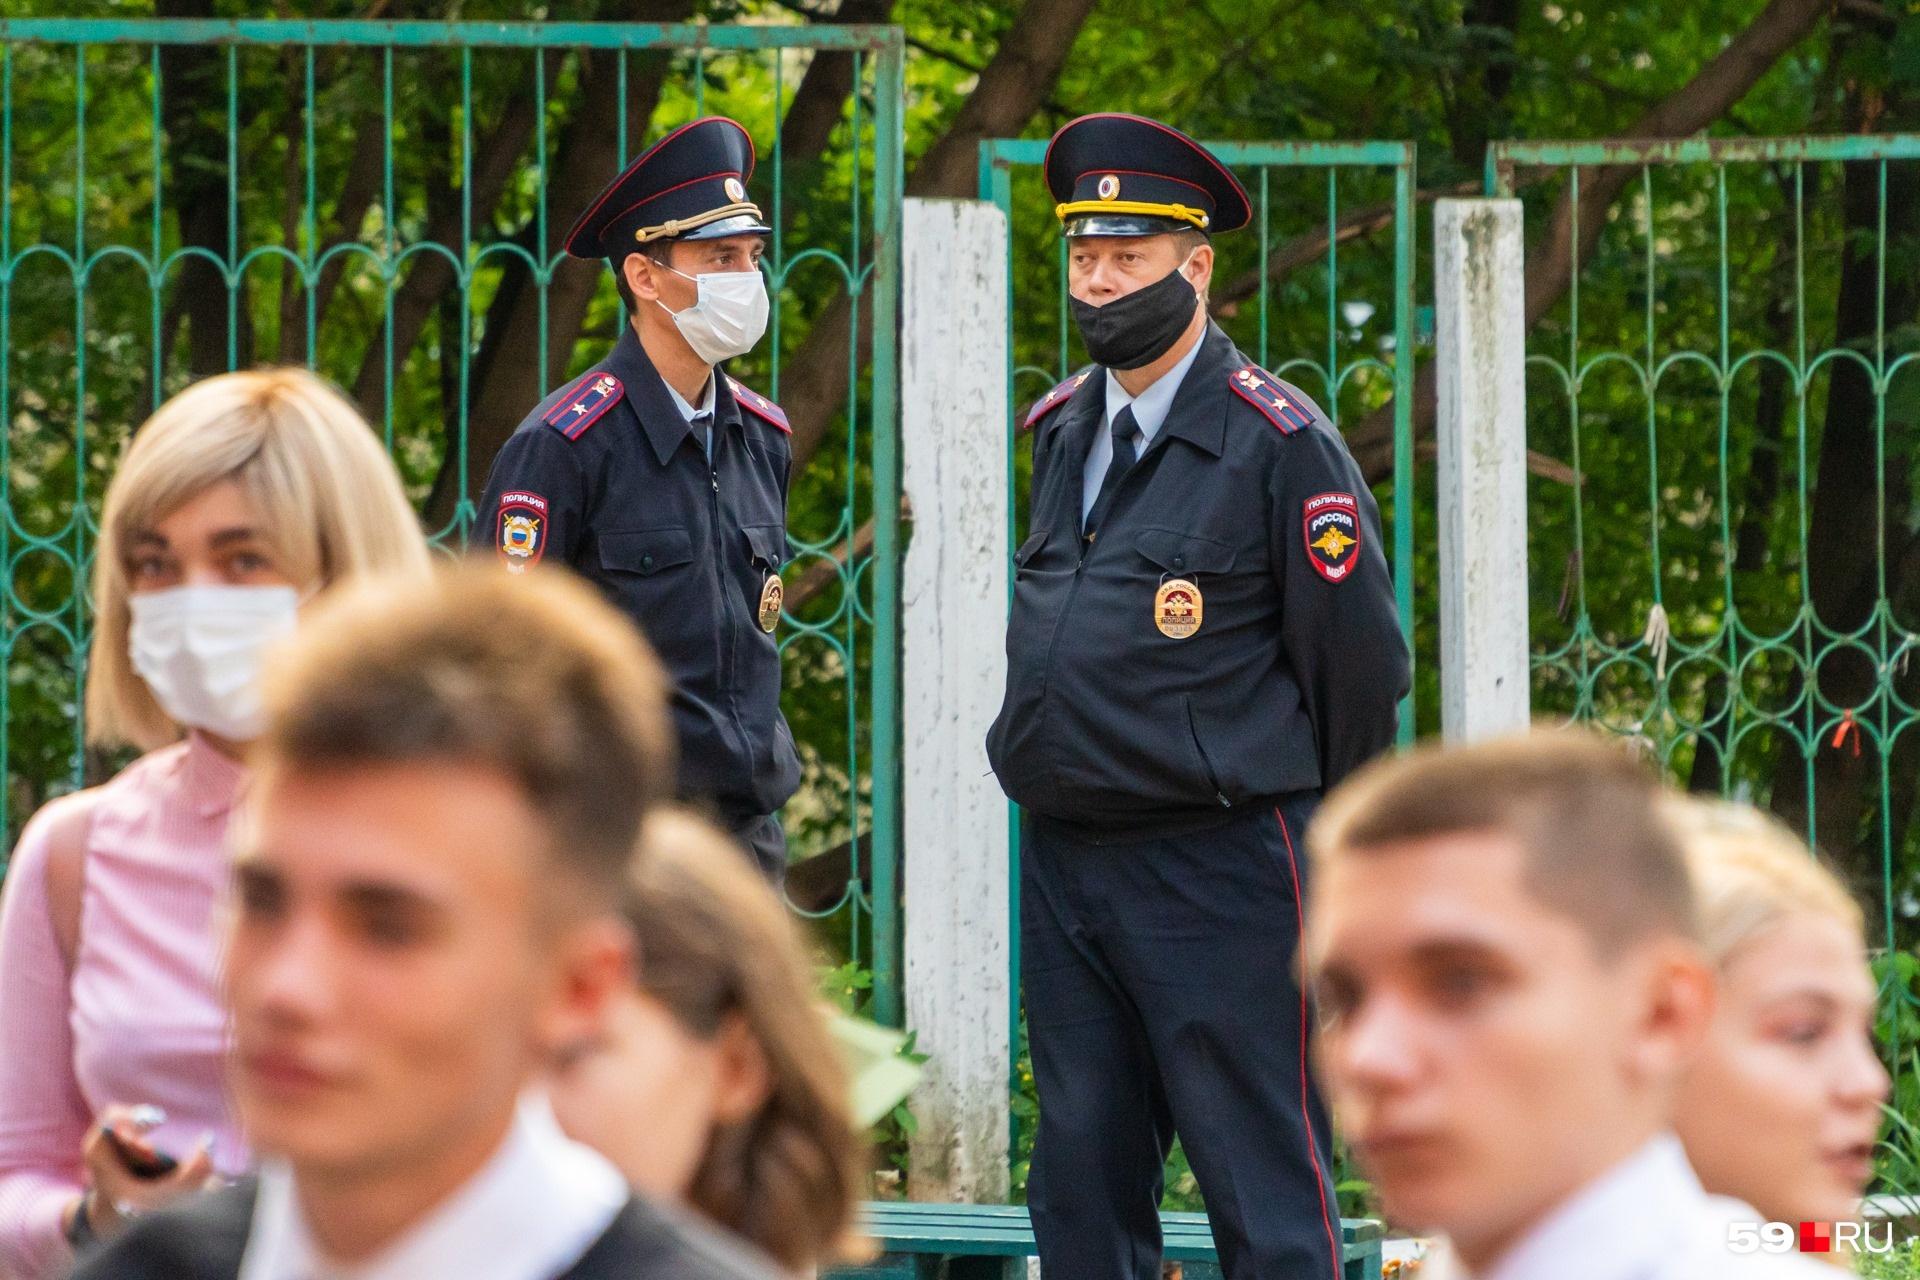 В Перми масочный режим соблюдают родители и стражи порядка. А дети — нет